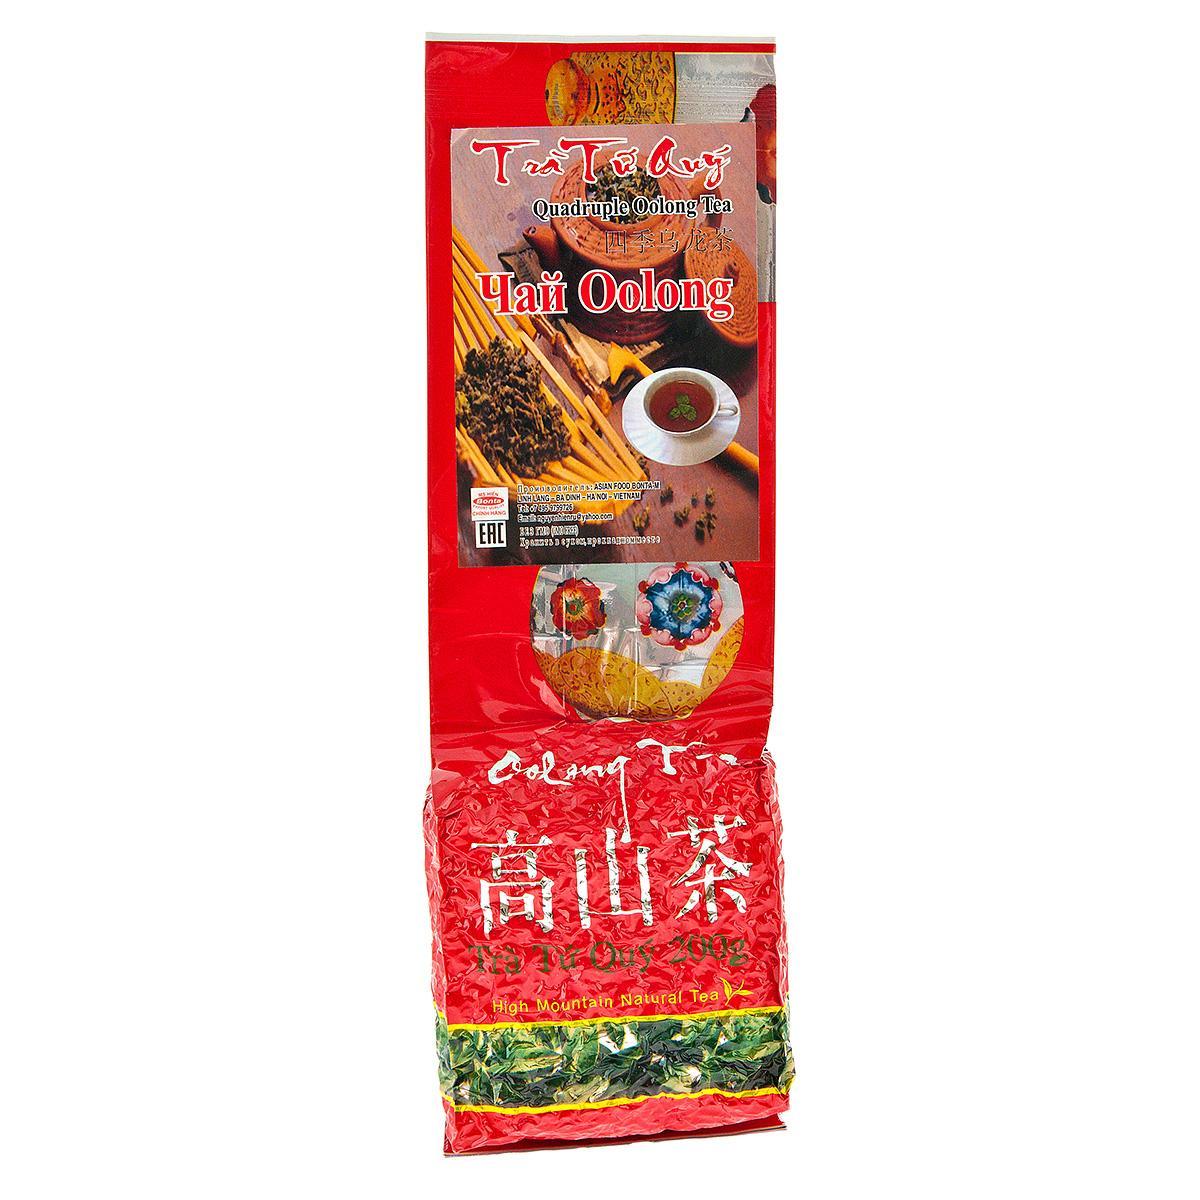 Зеленый чай Oolong Tra Tu Quy